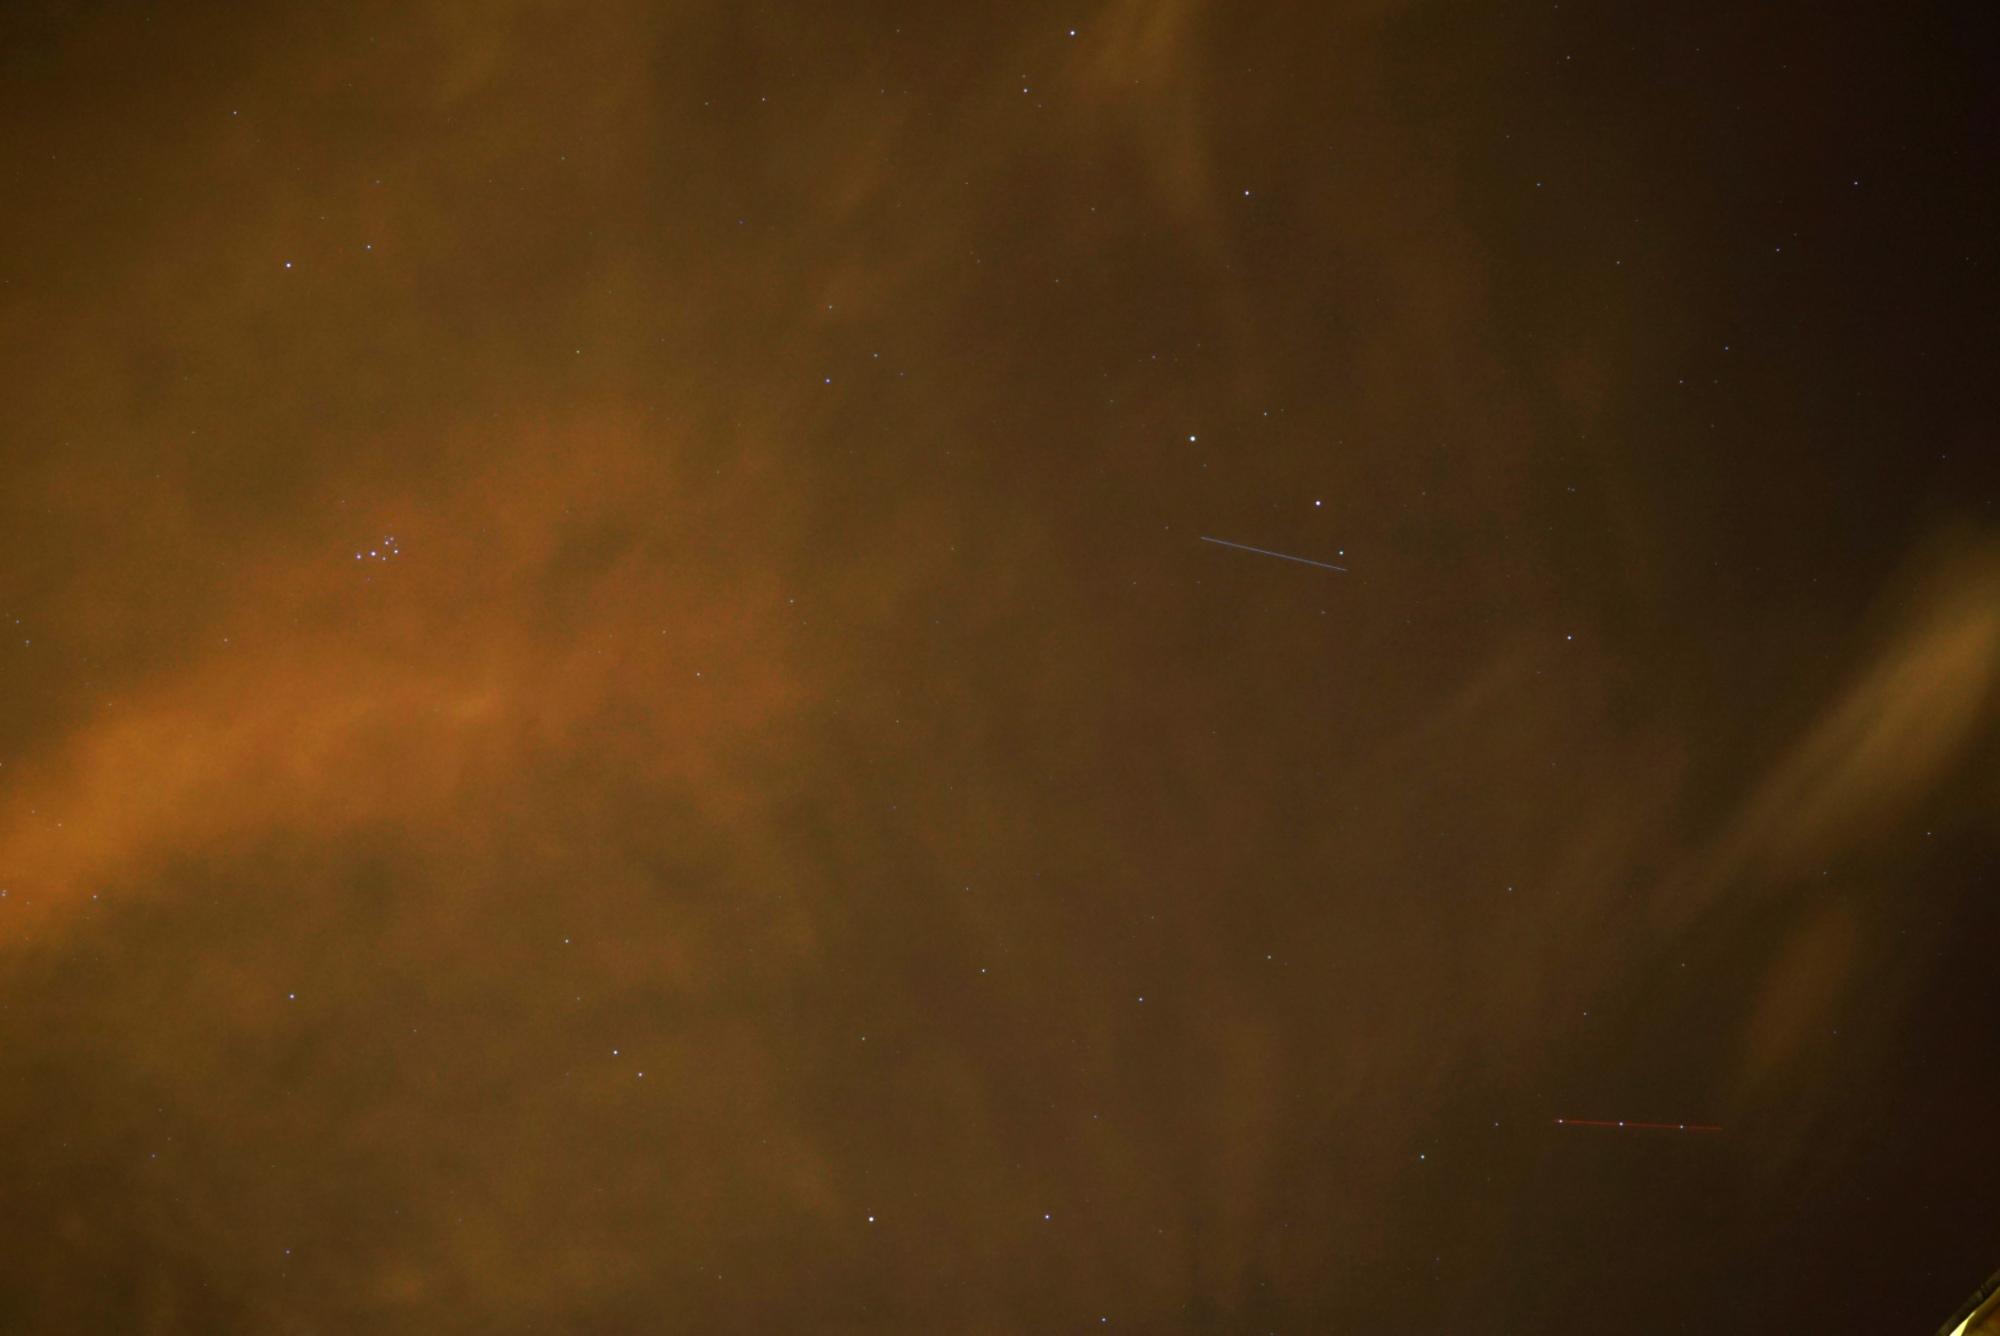 starlink-u-180120-18h13m14-35mmf4bsb-4s.thumb.jpg.047ff970a4e0ece6fa25f5348c181ea8.jpg